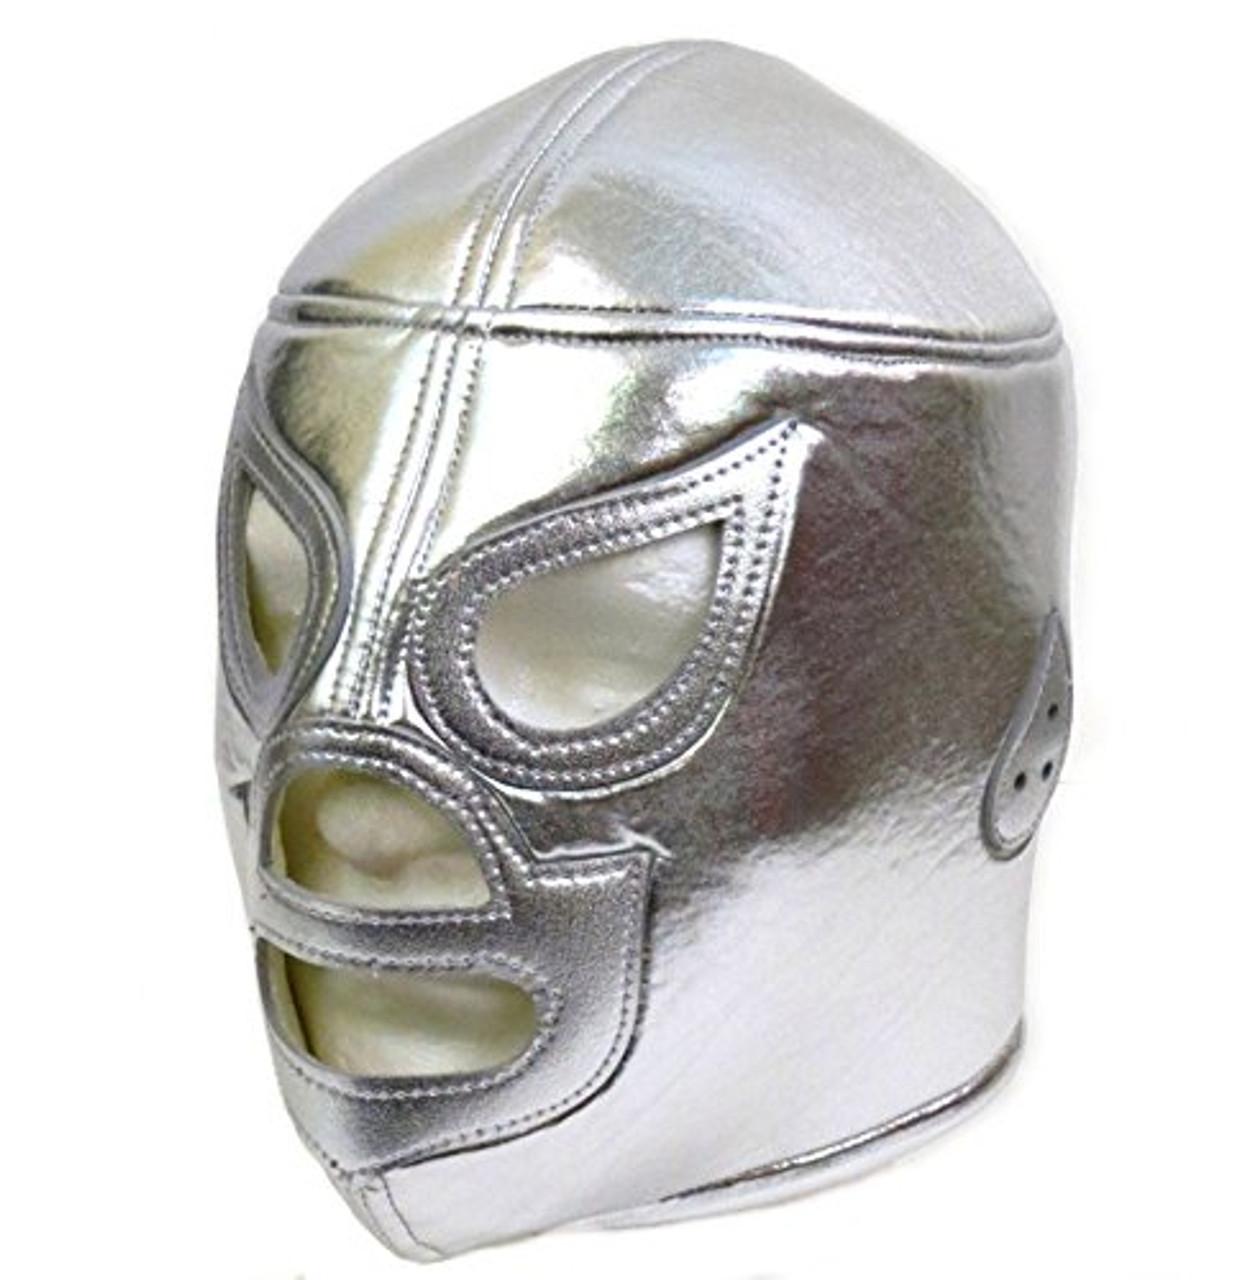 El Santo Lucha Libre Kids Wrestling Mask